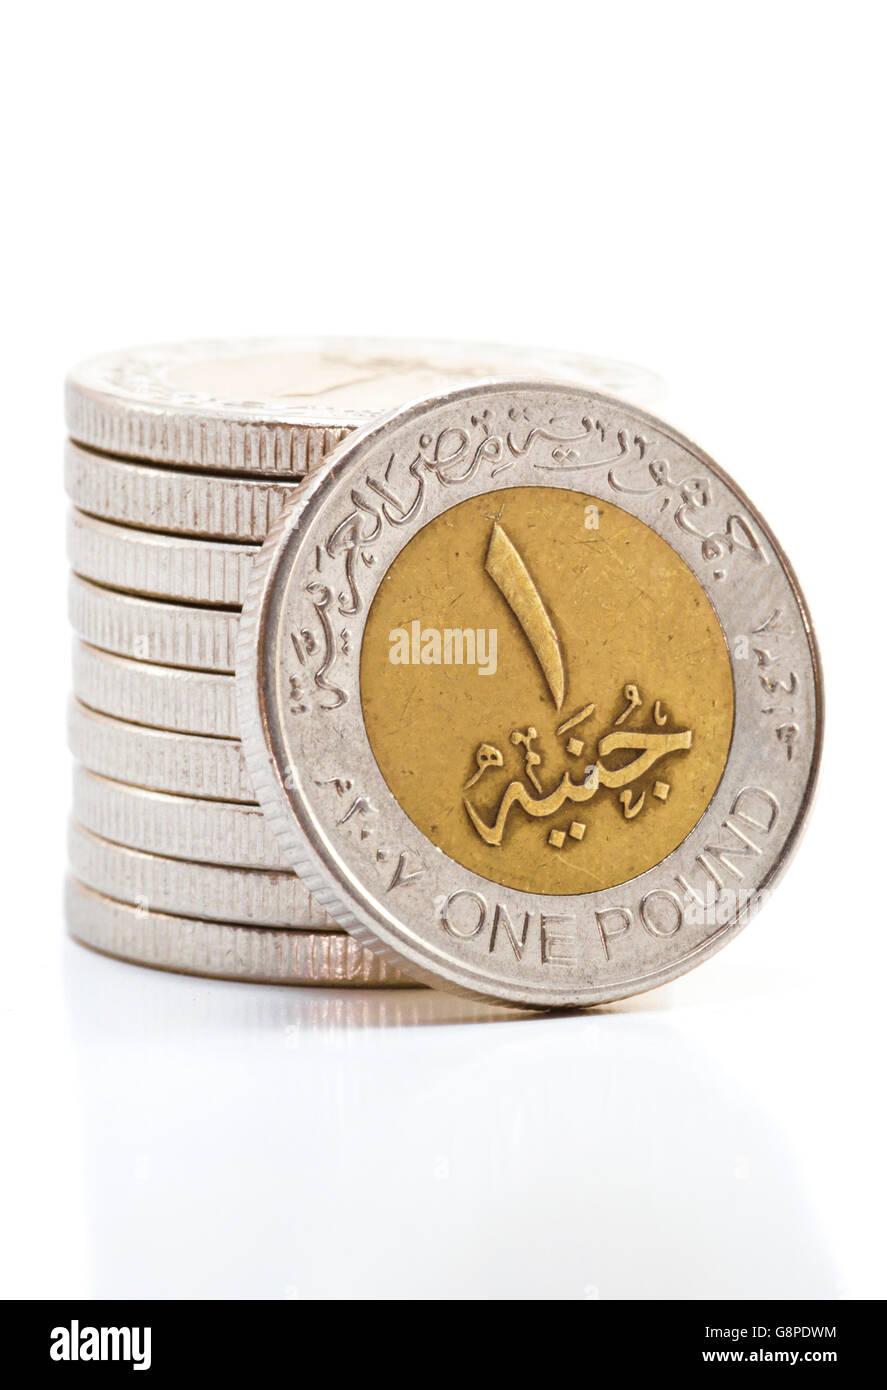 Livre Egyptienne De Pieces Sur White Banque D Images Photo